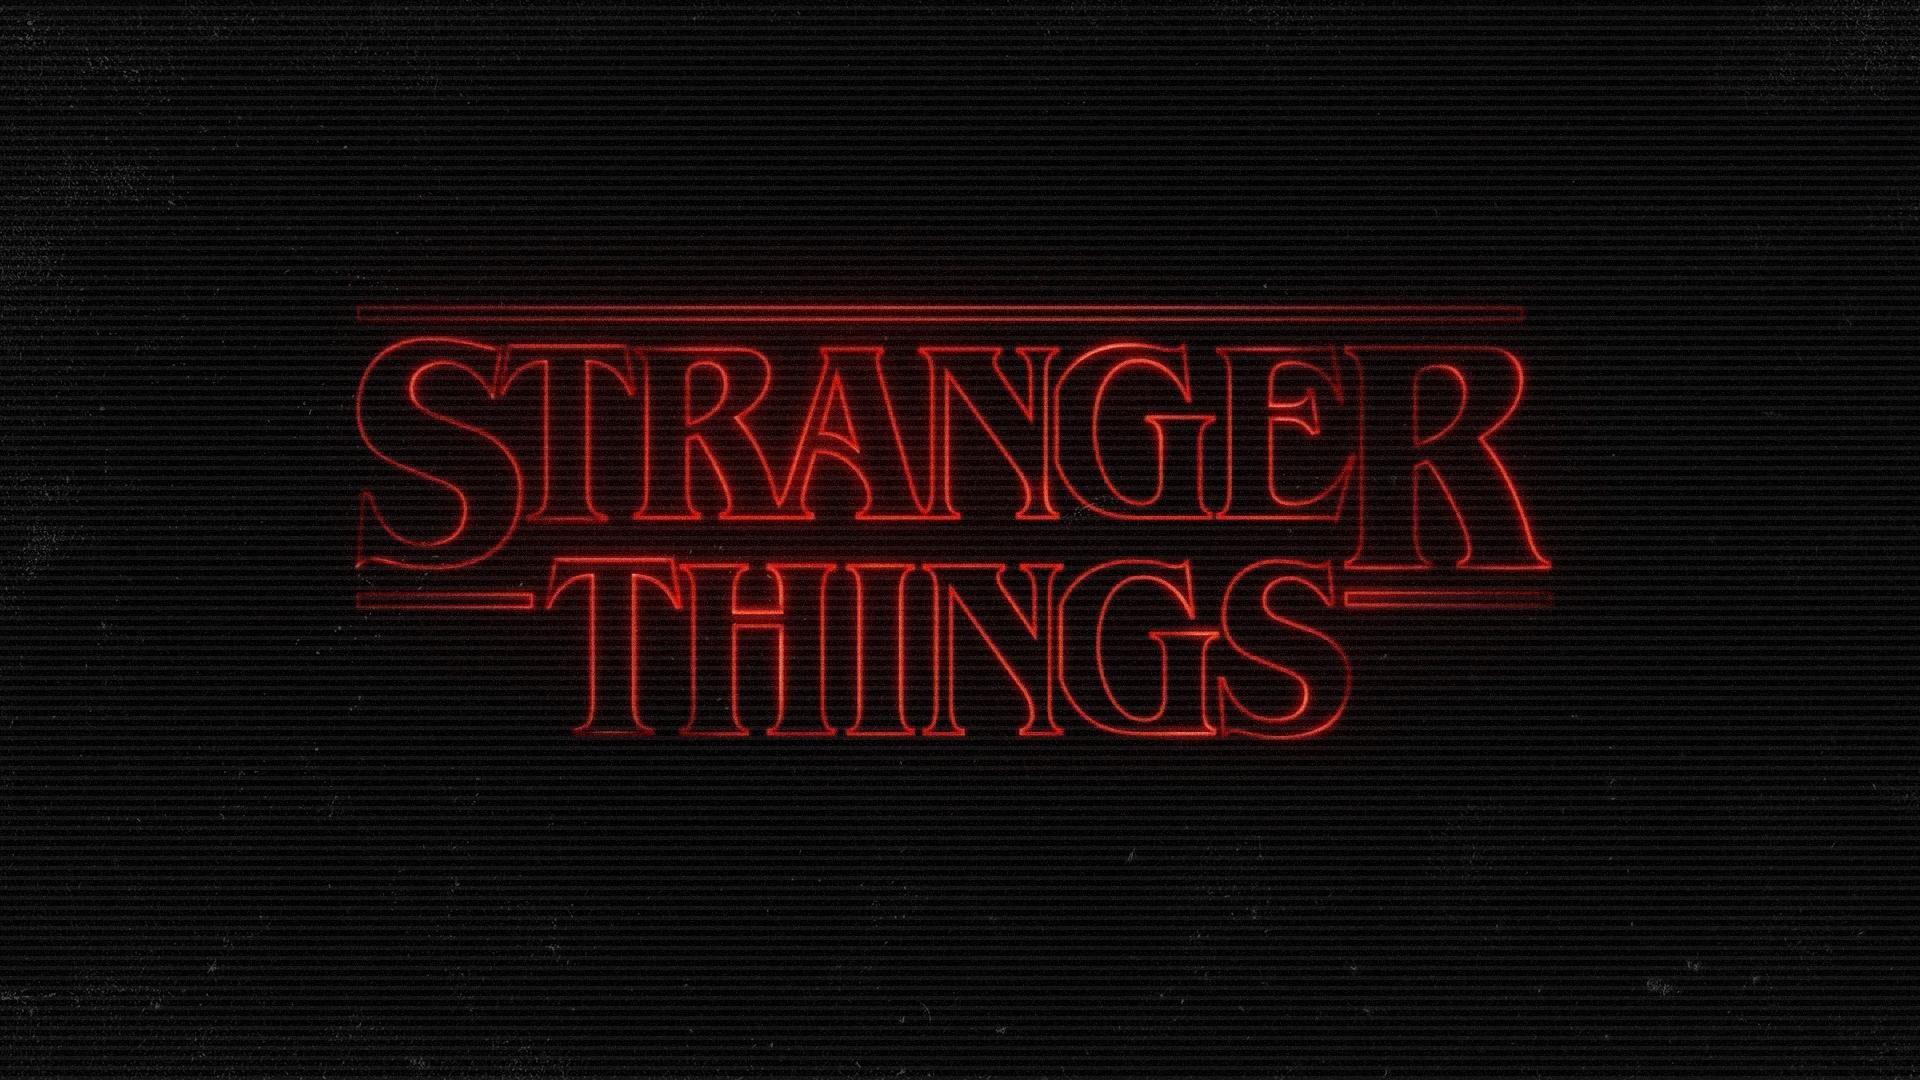 Steve Wallpaper Things Stranger Desktop